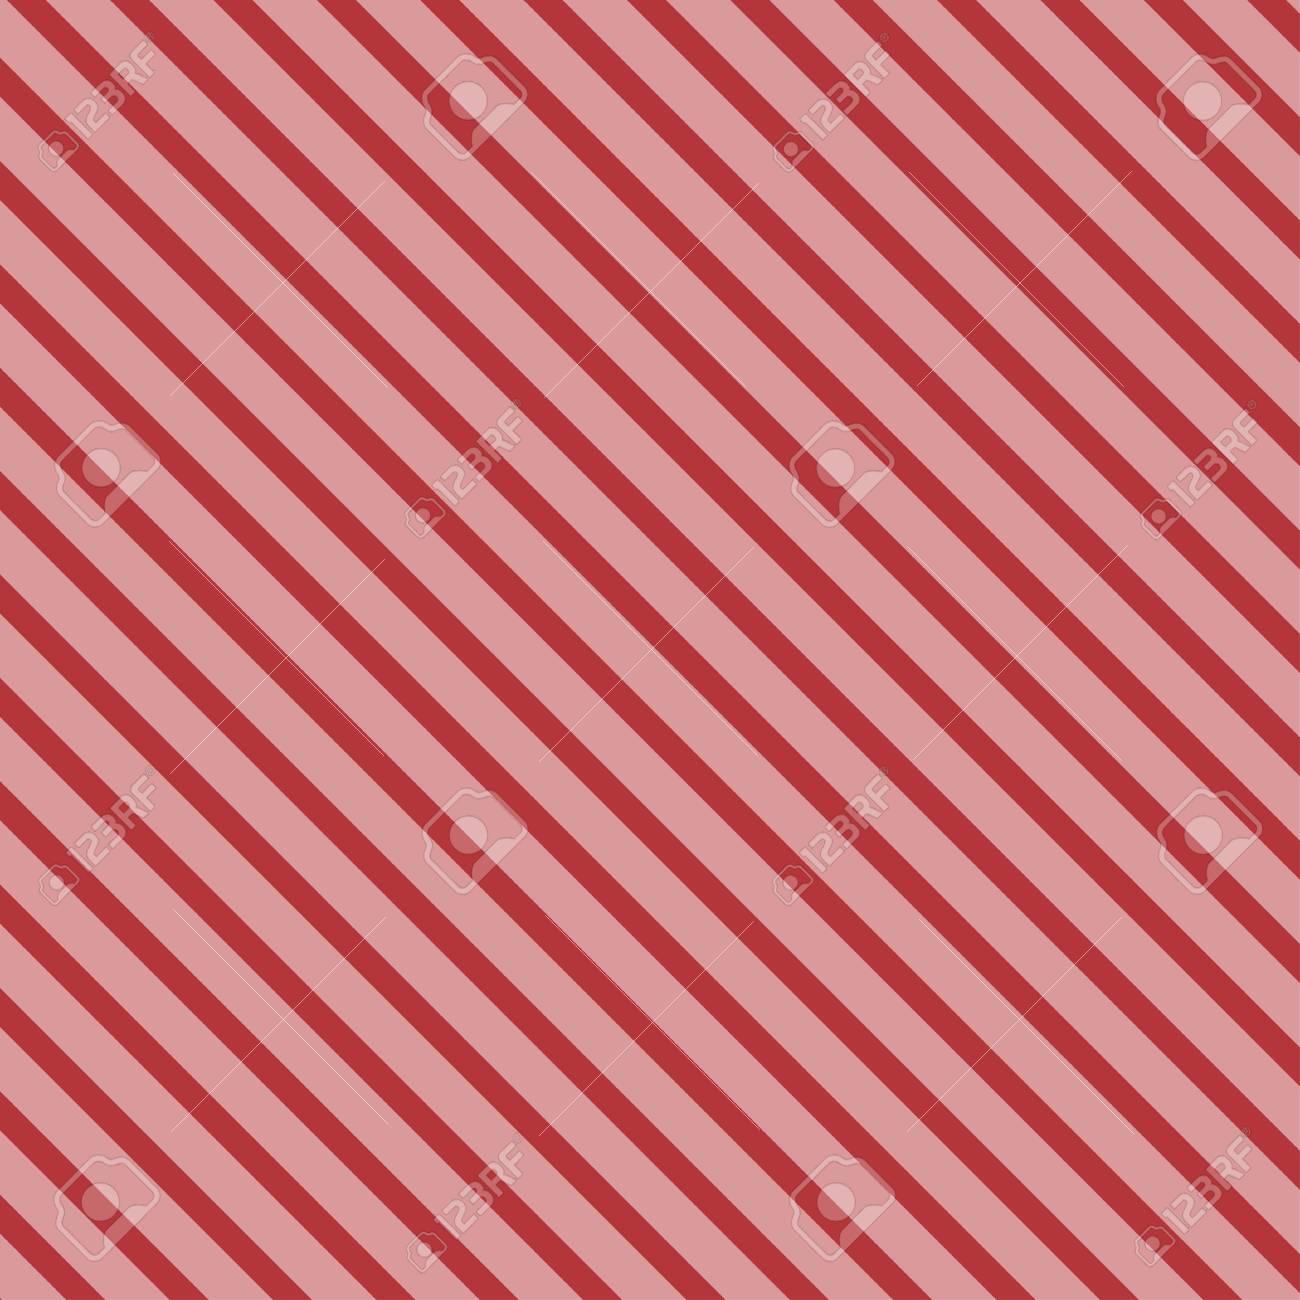 Striped pattern - 114708542